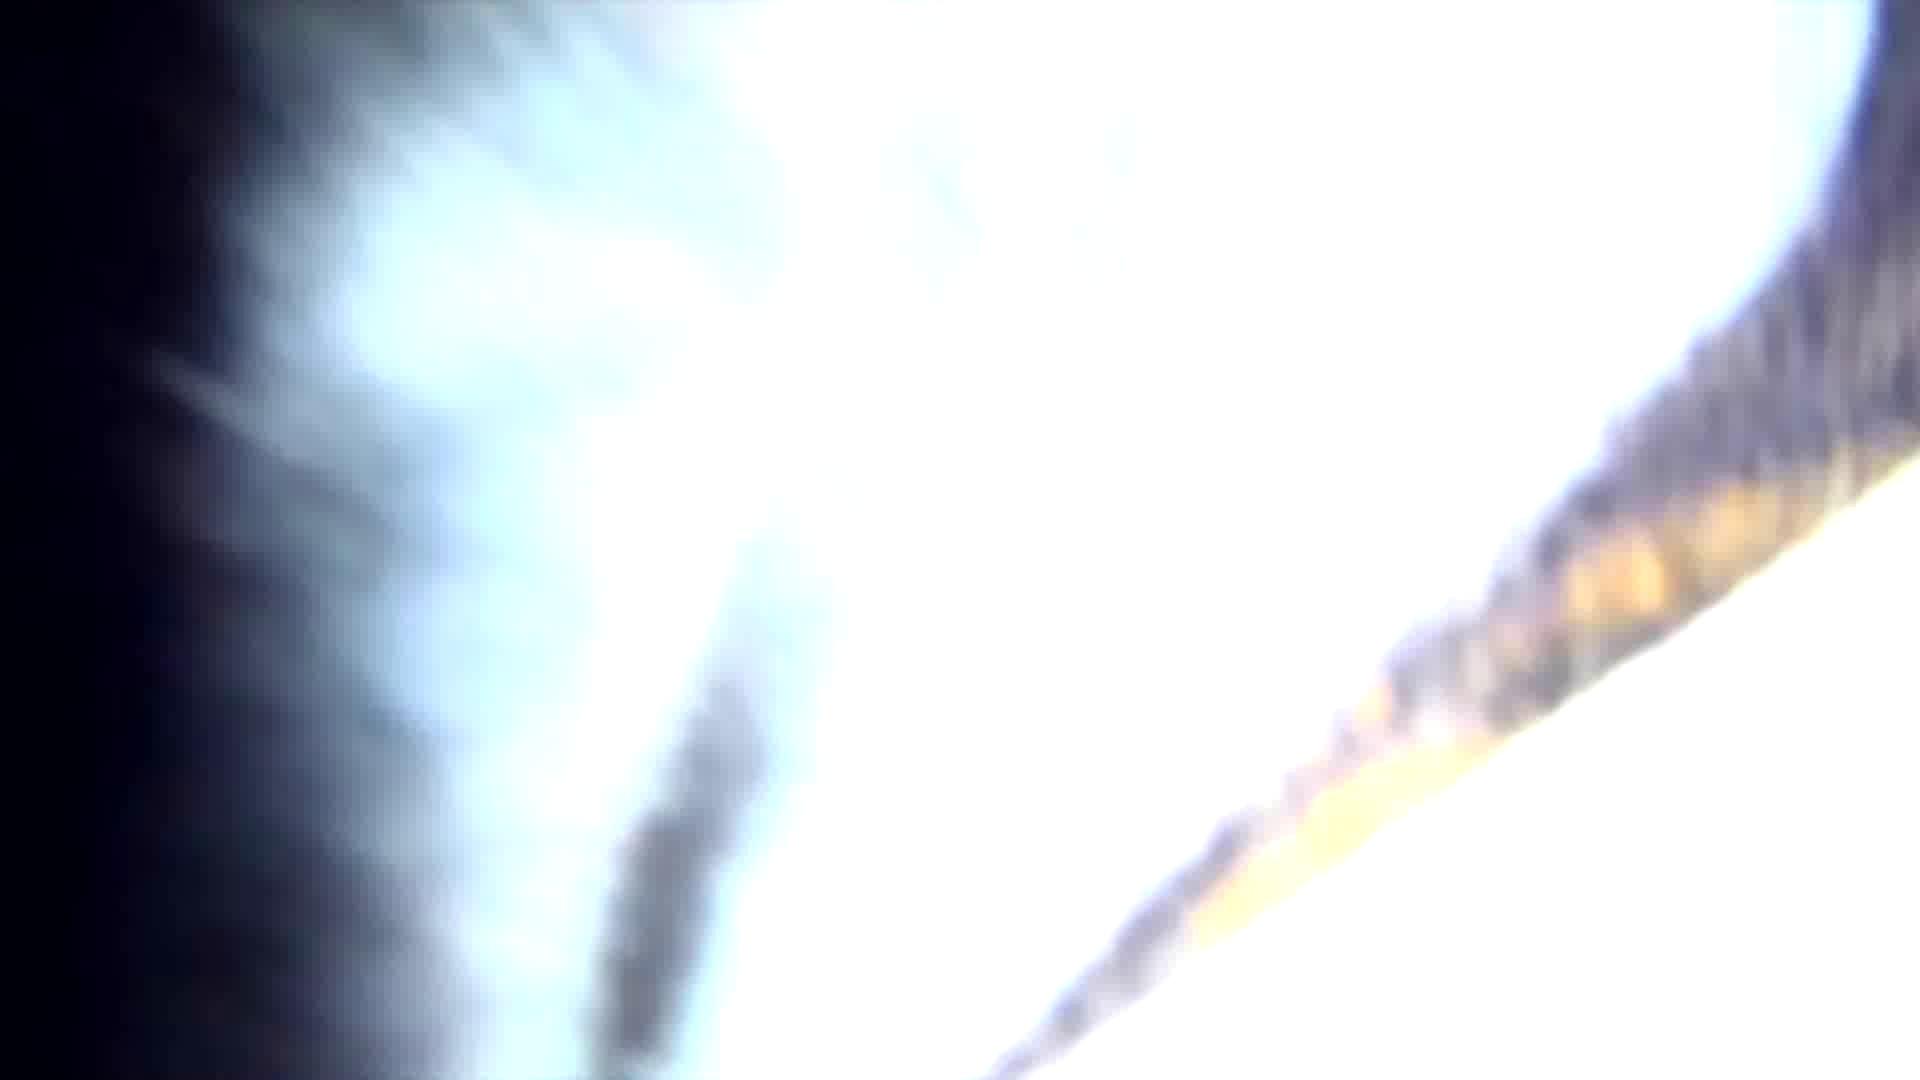 vol.32 【A・Yちゃん】 お嬢様系現役JD 1回目 お嬢様のエロ動画 オメコ無修正動画無料 101枚 7